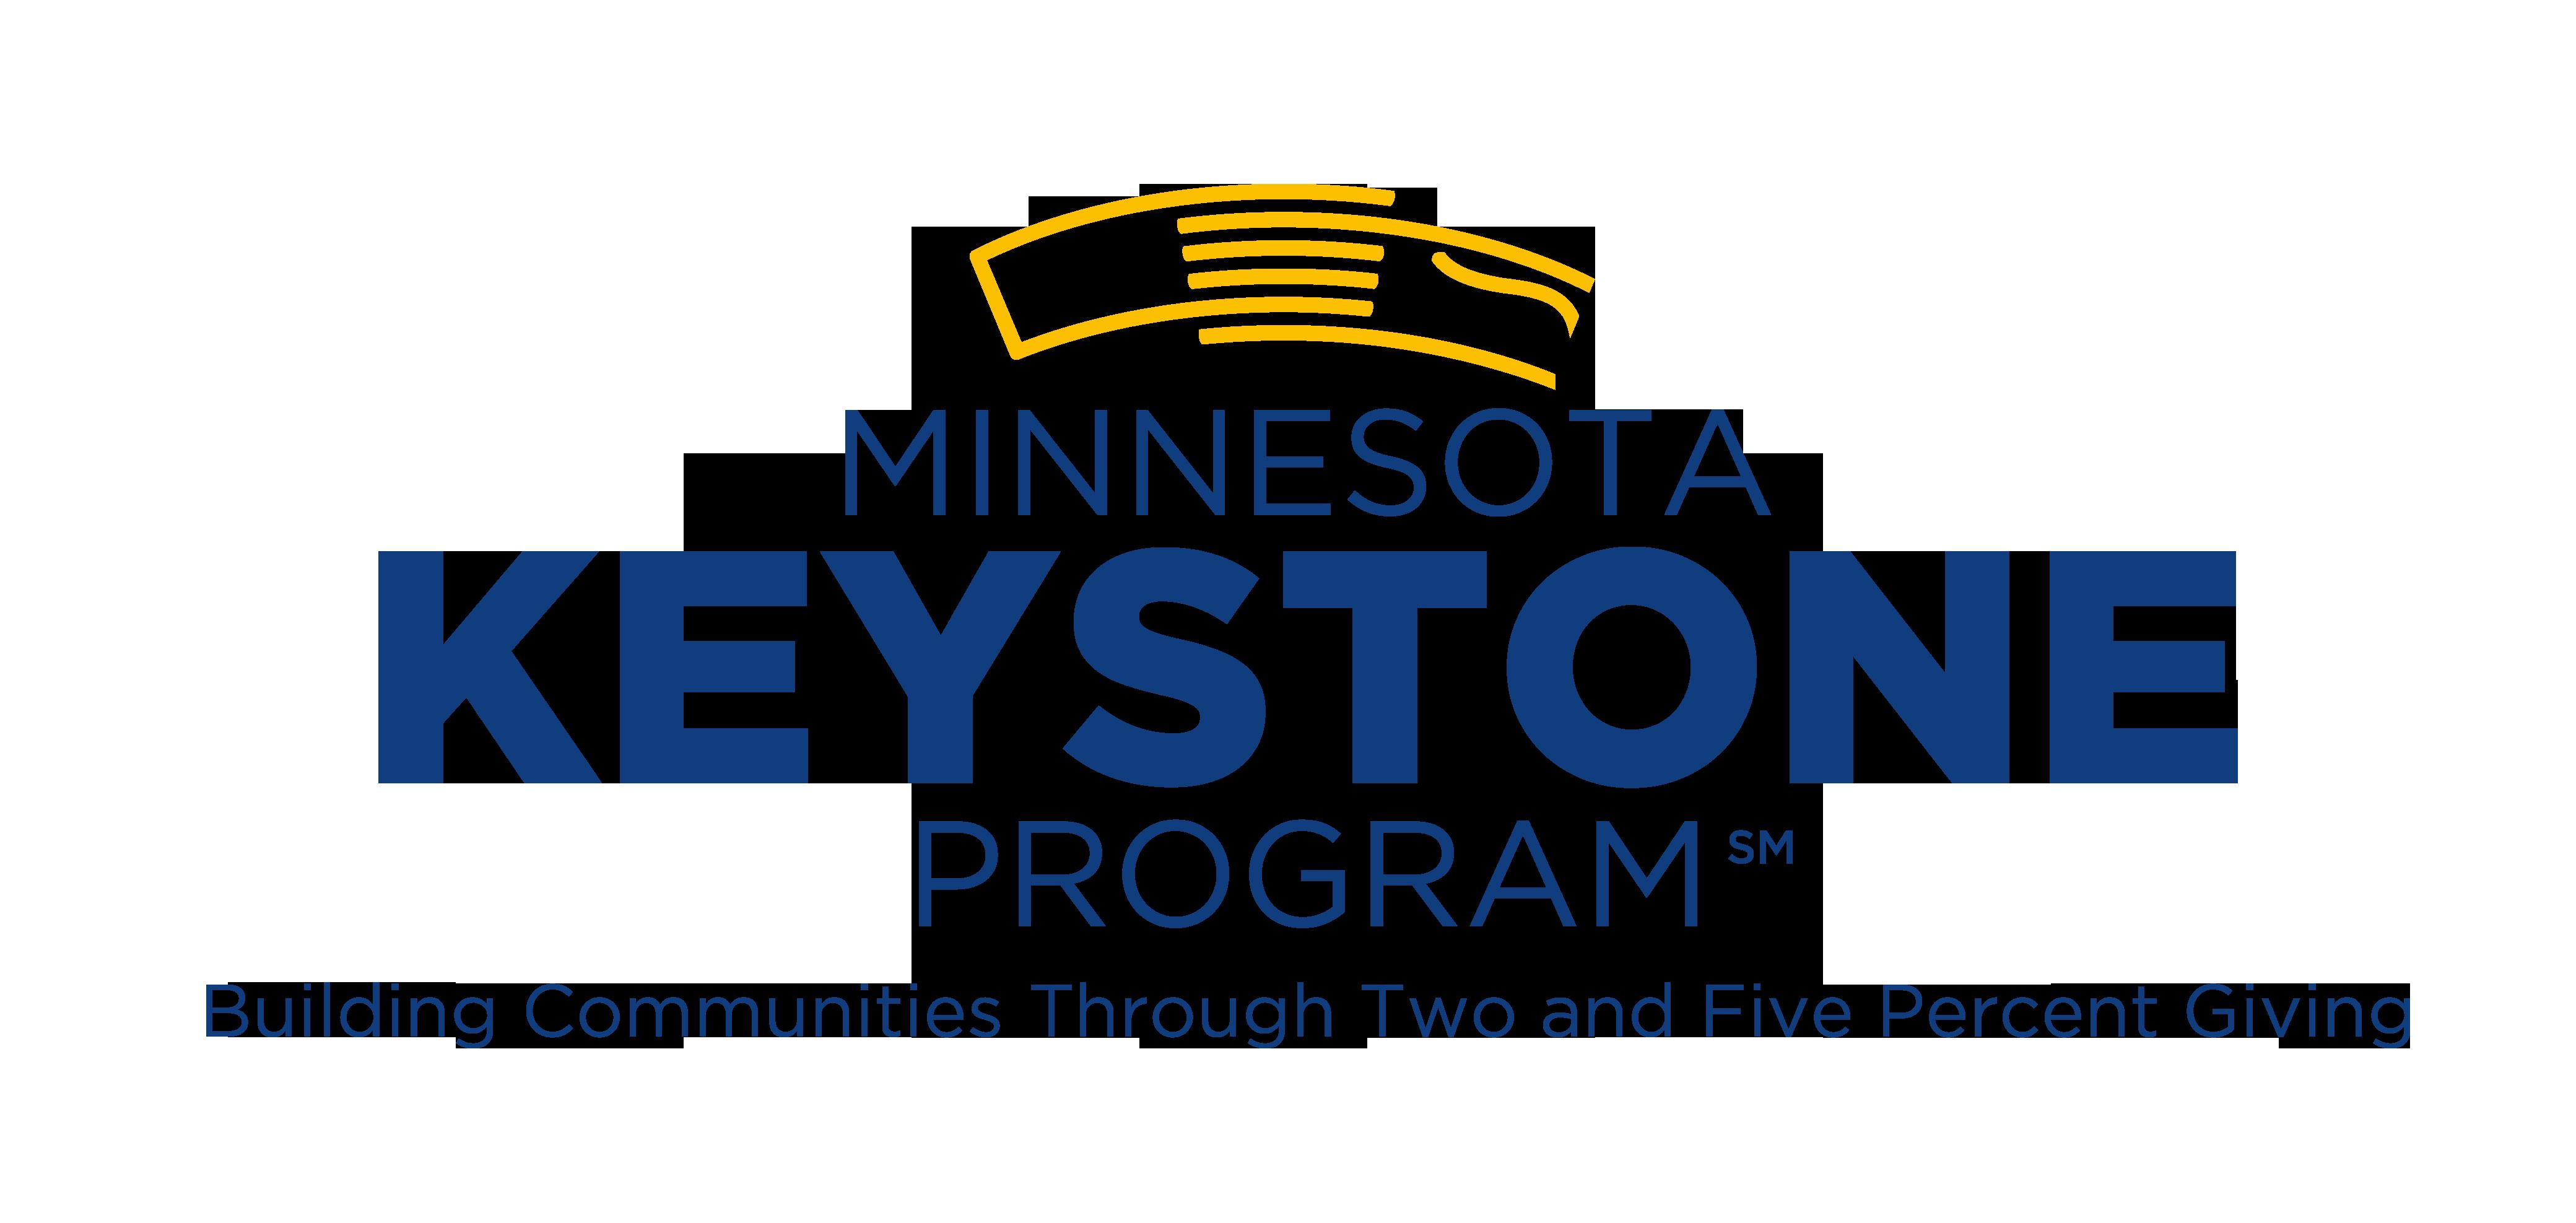 Minnesota Keystone Program logo